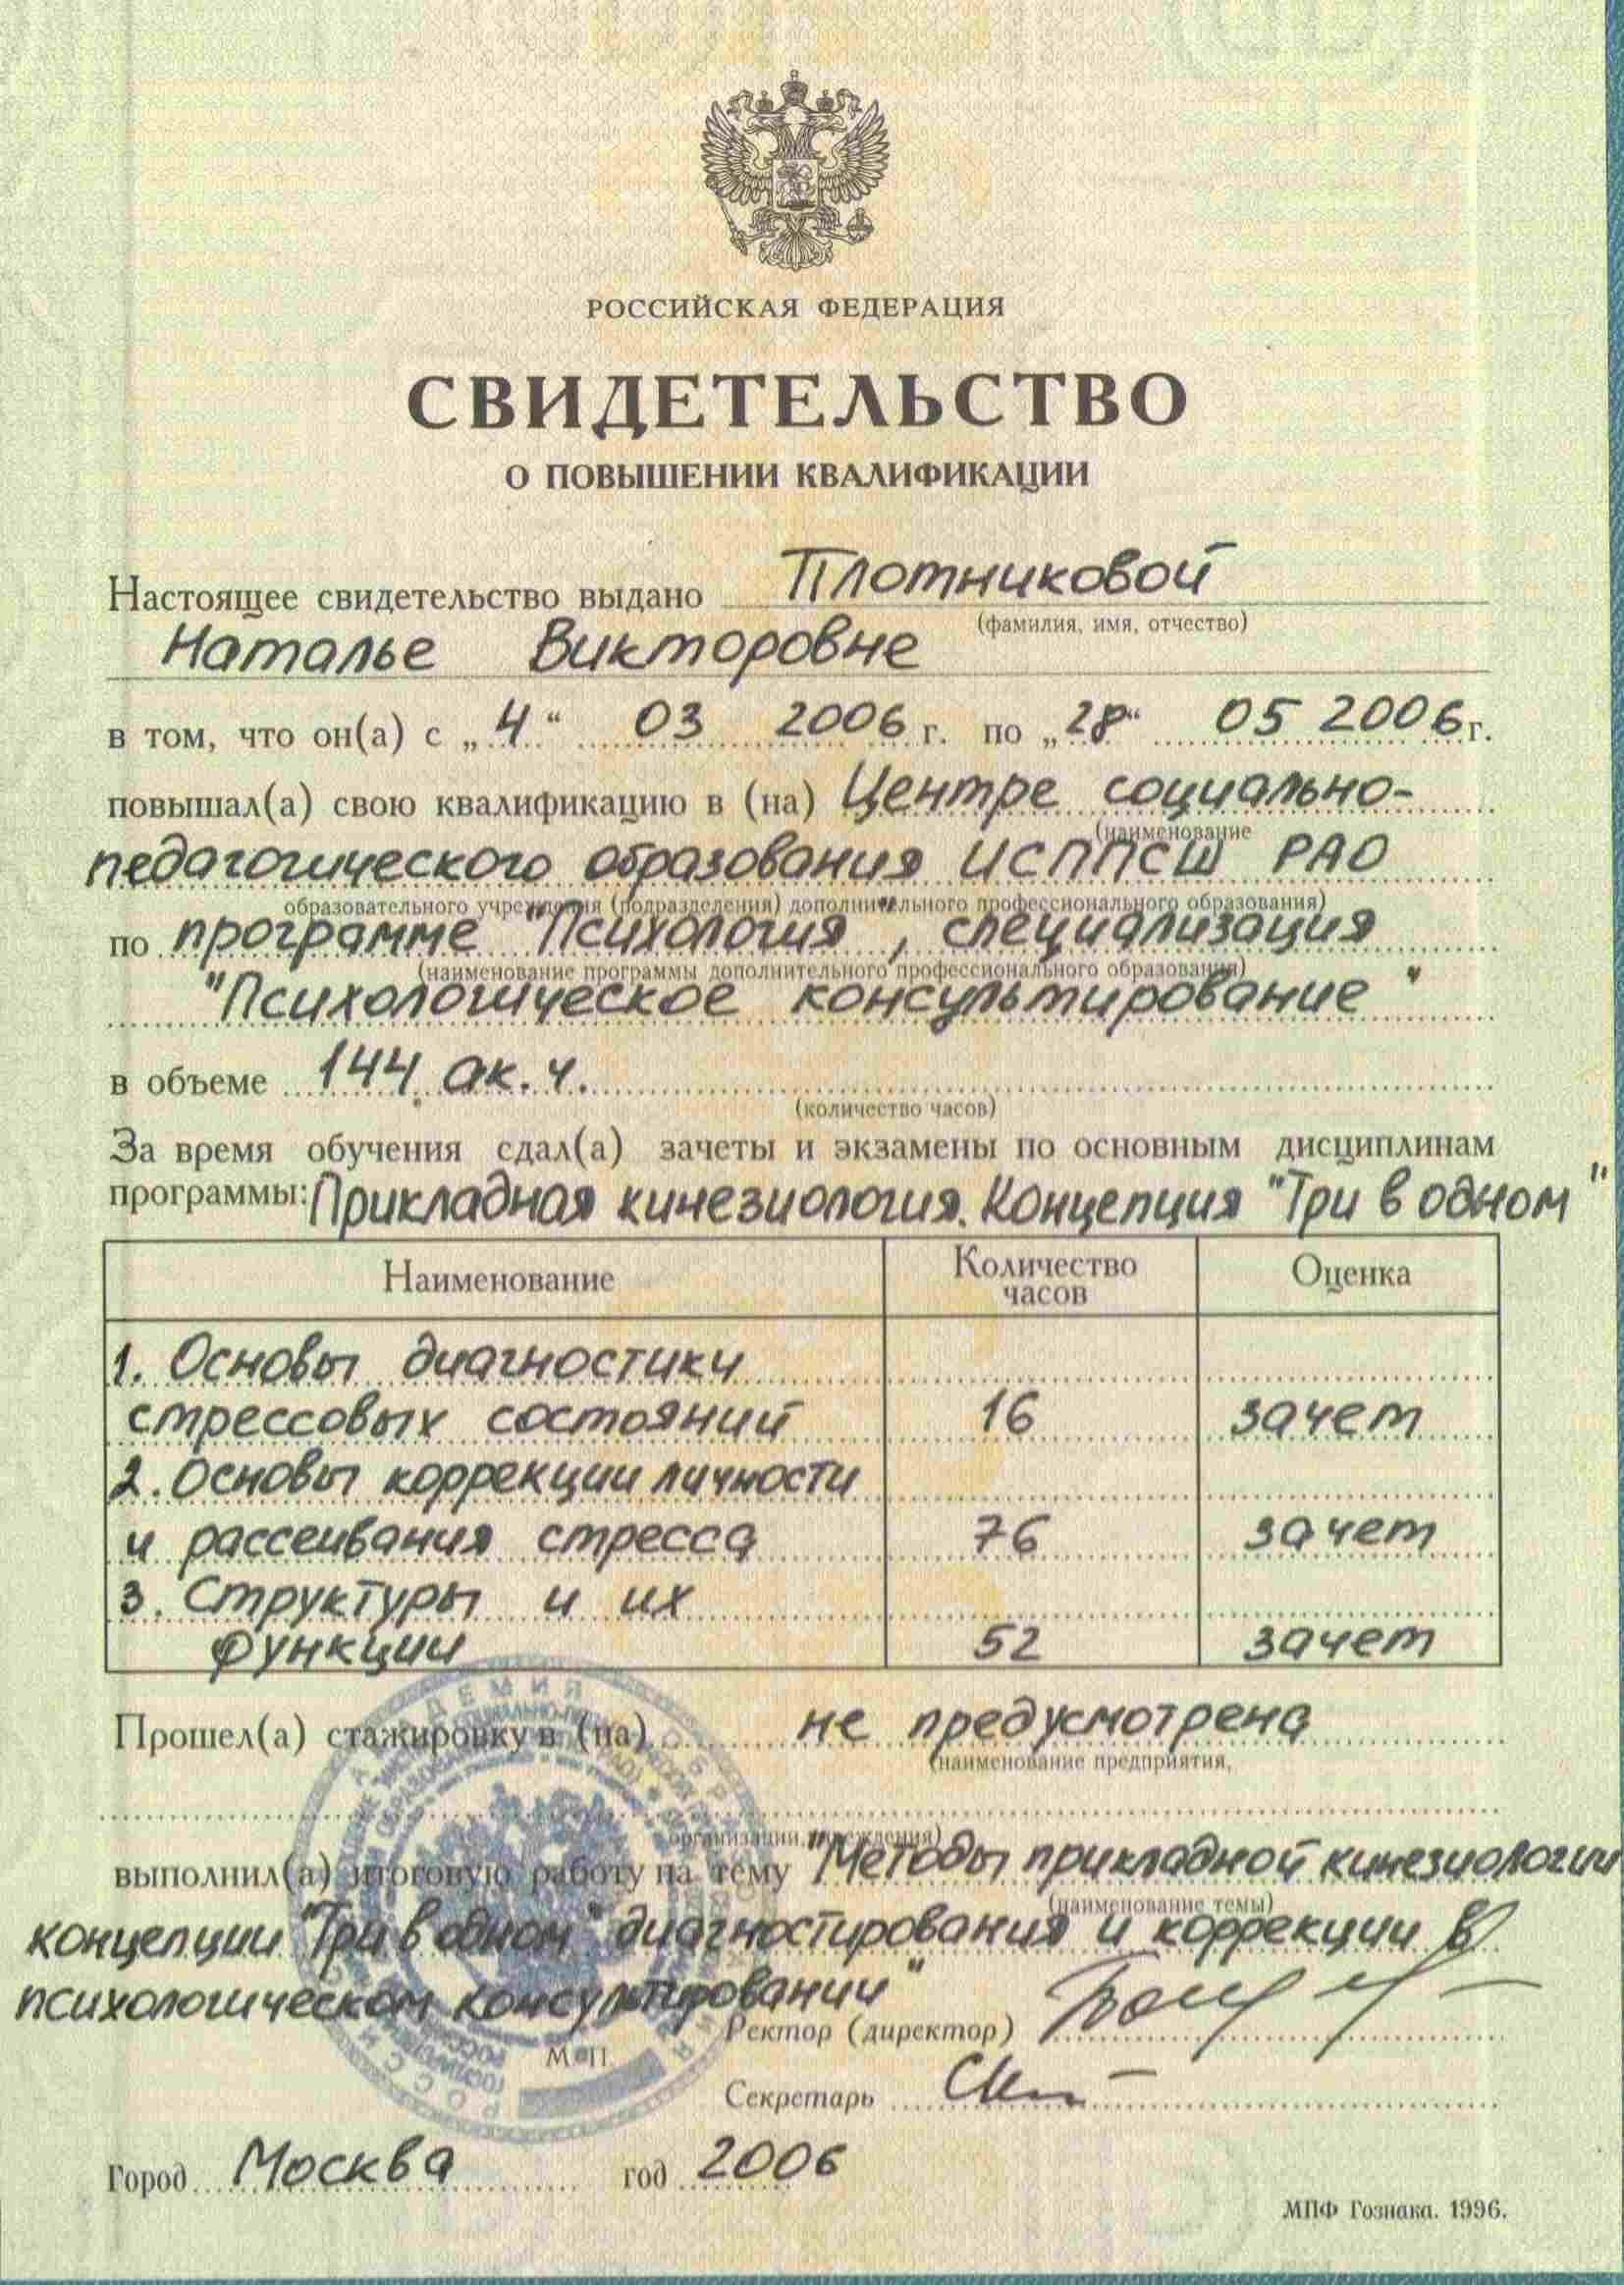 Diplom-003